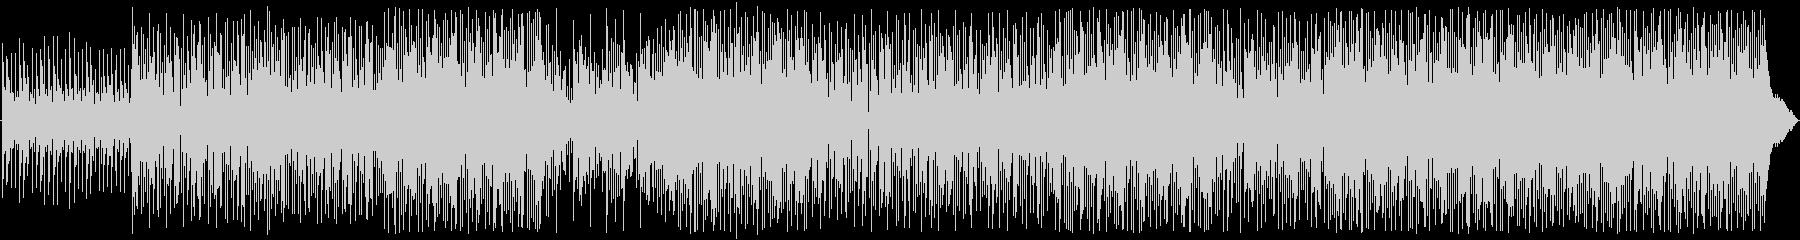 オルガン、マリンバ、ピアノ、アコー...の未再生の波形